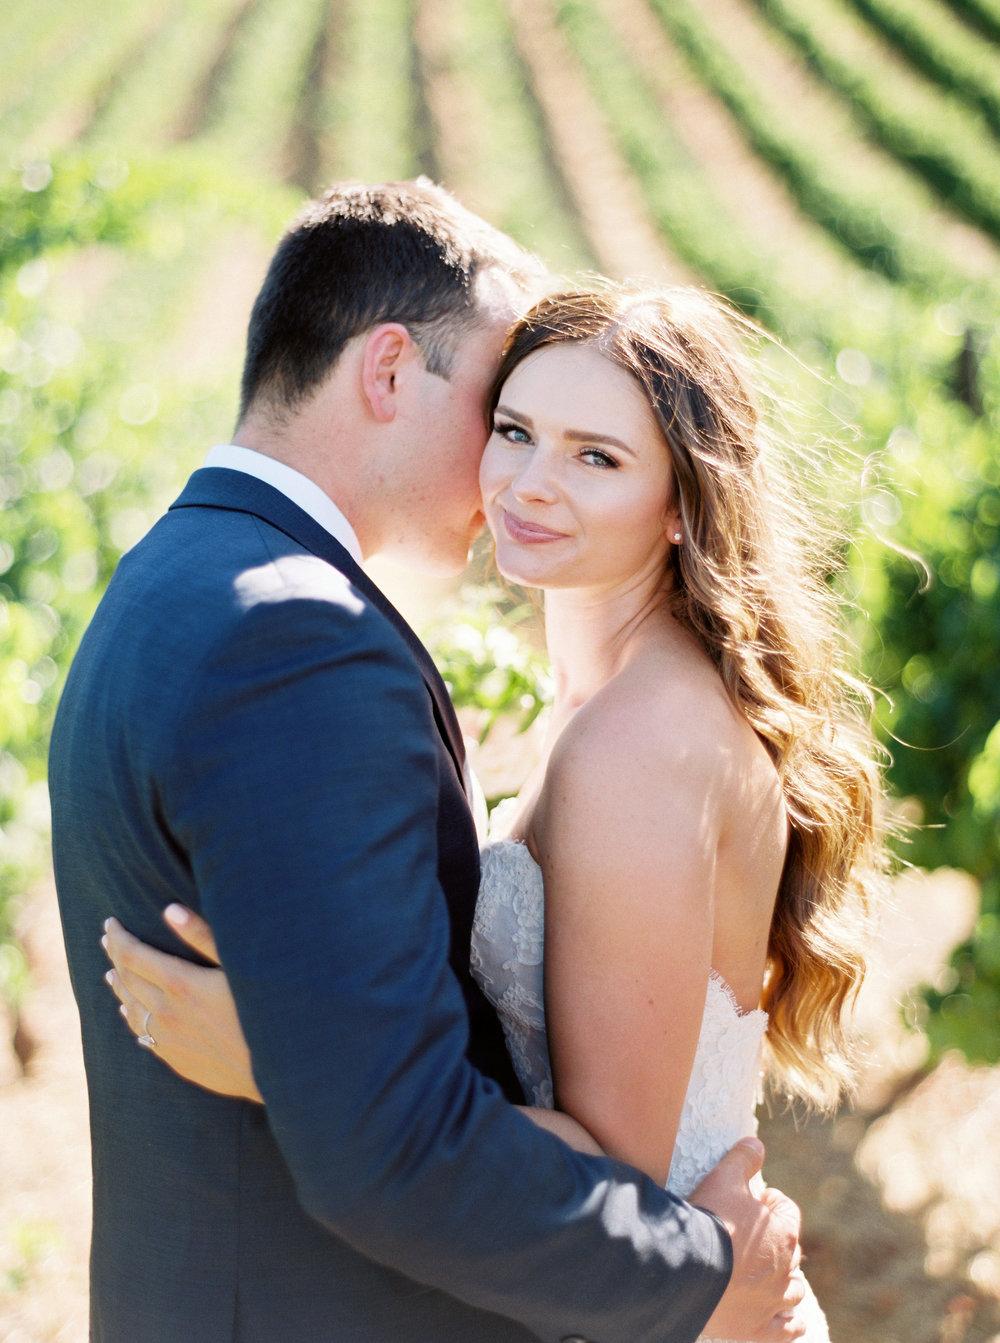 muriettas-well-wedding-in-livermore-california-142.jpg